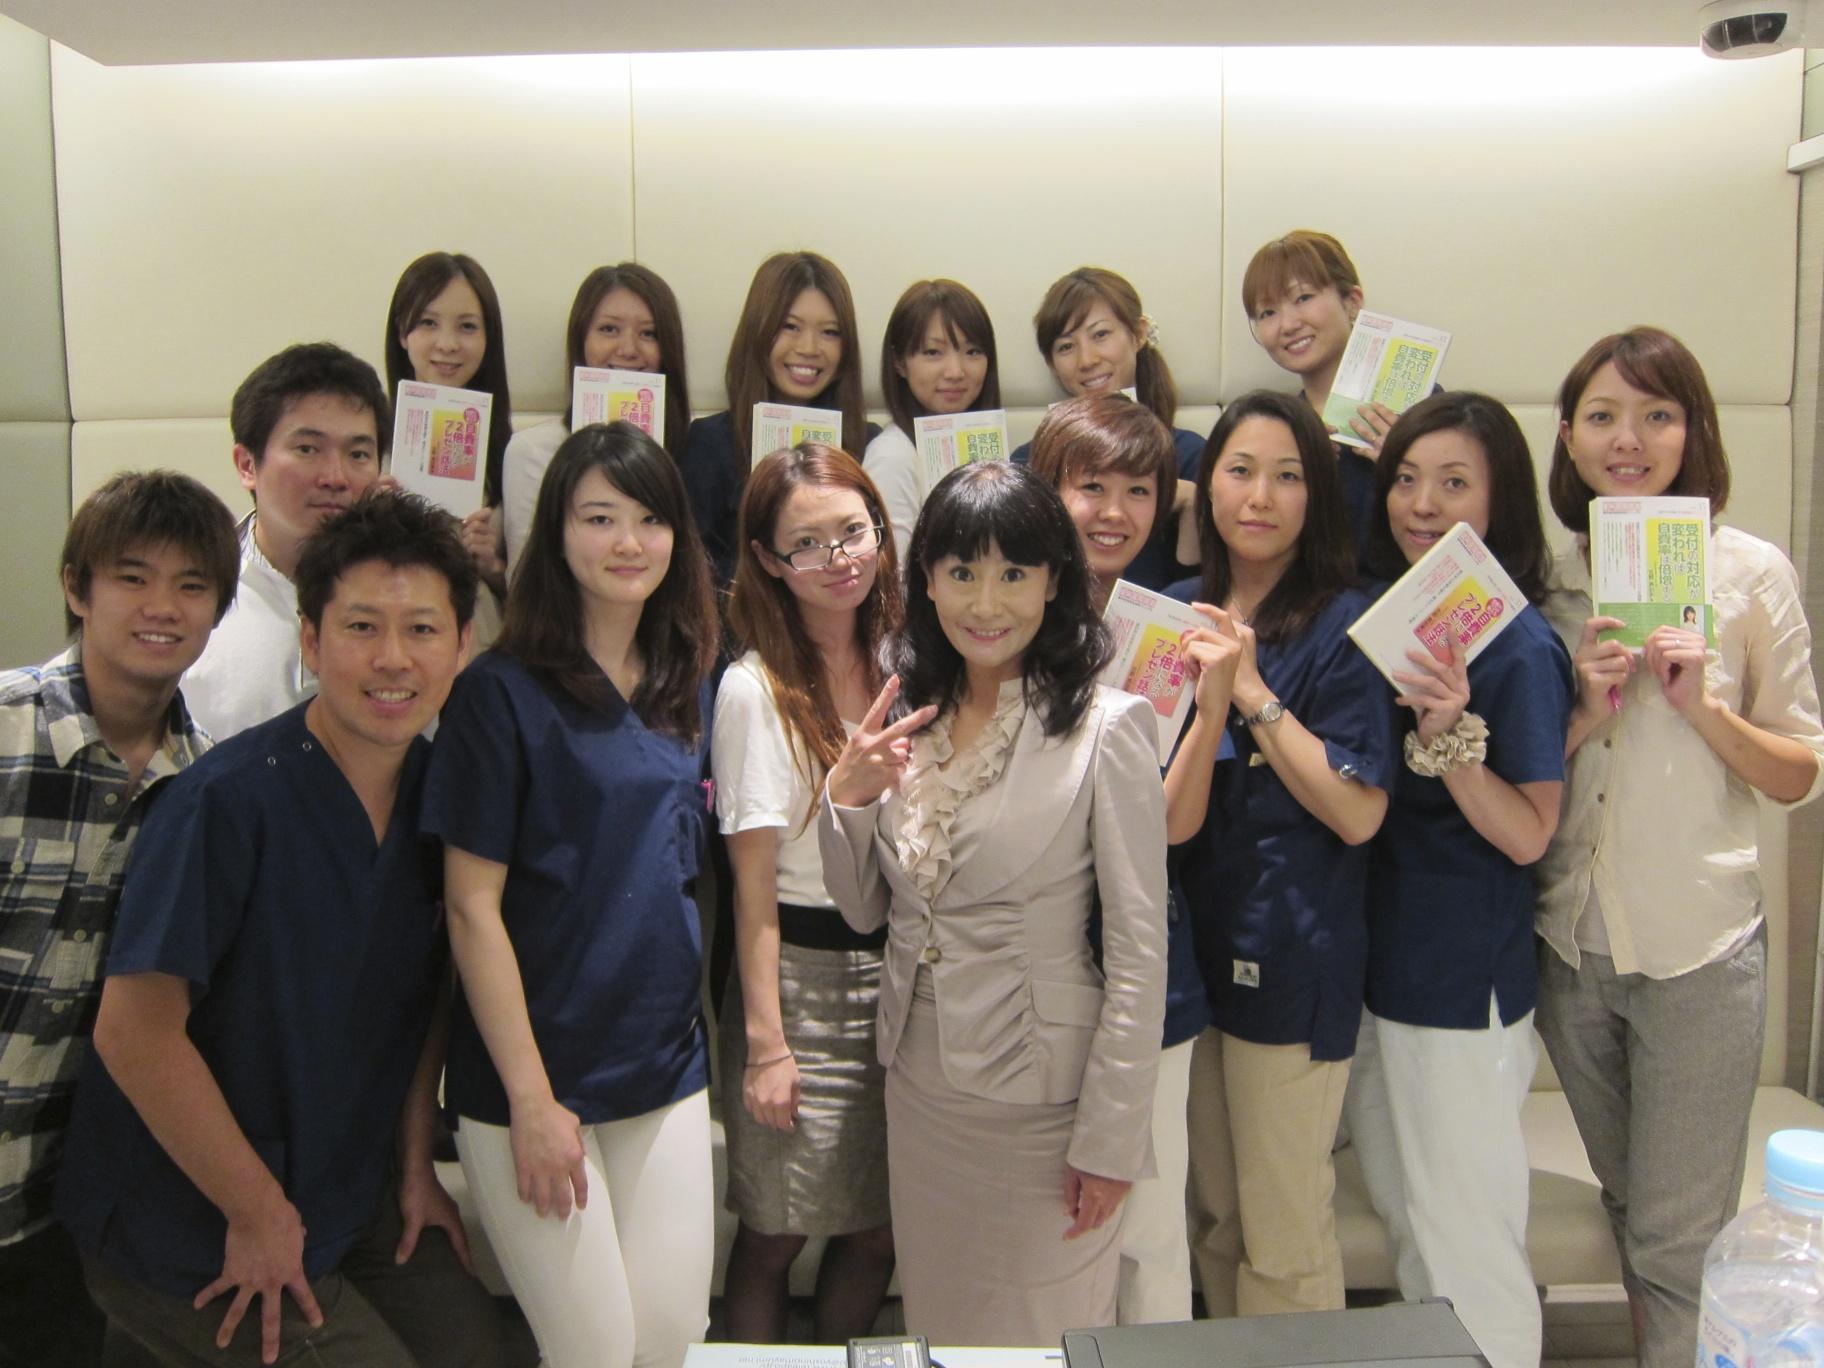 吉野真由美先生をお迎えして院内研修会